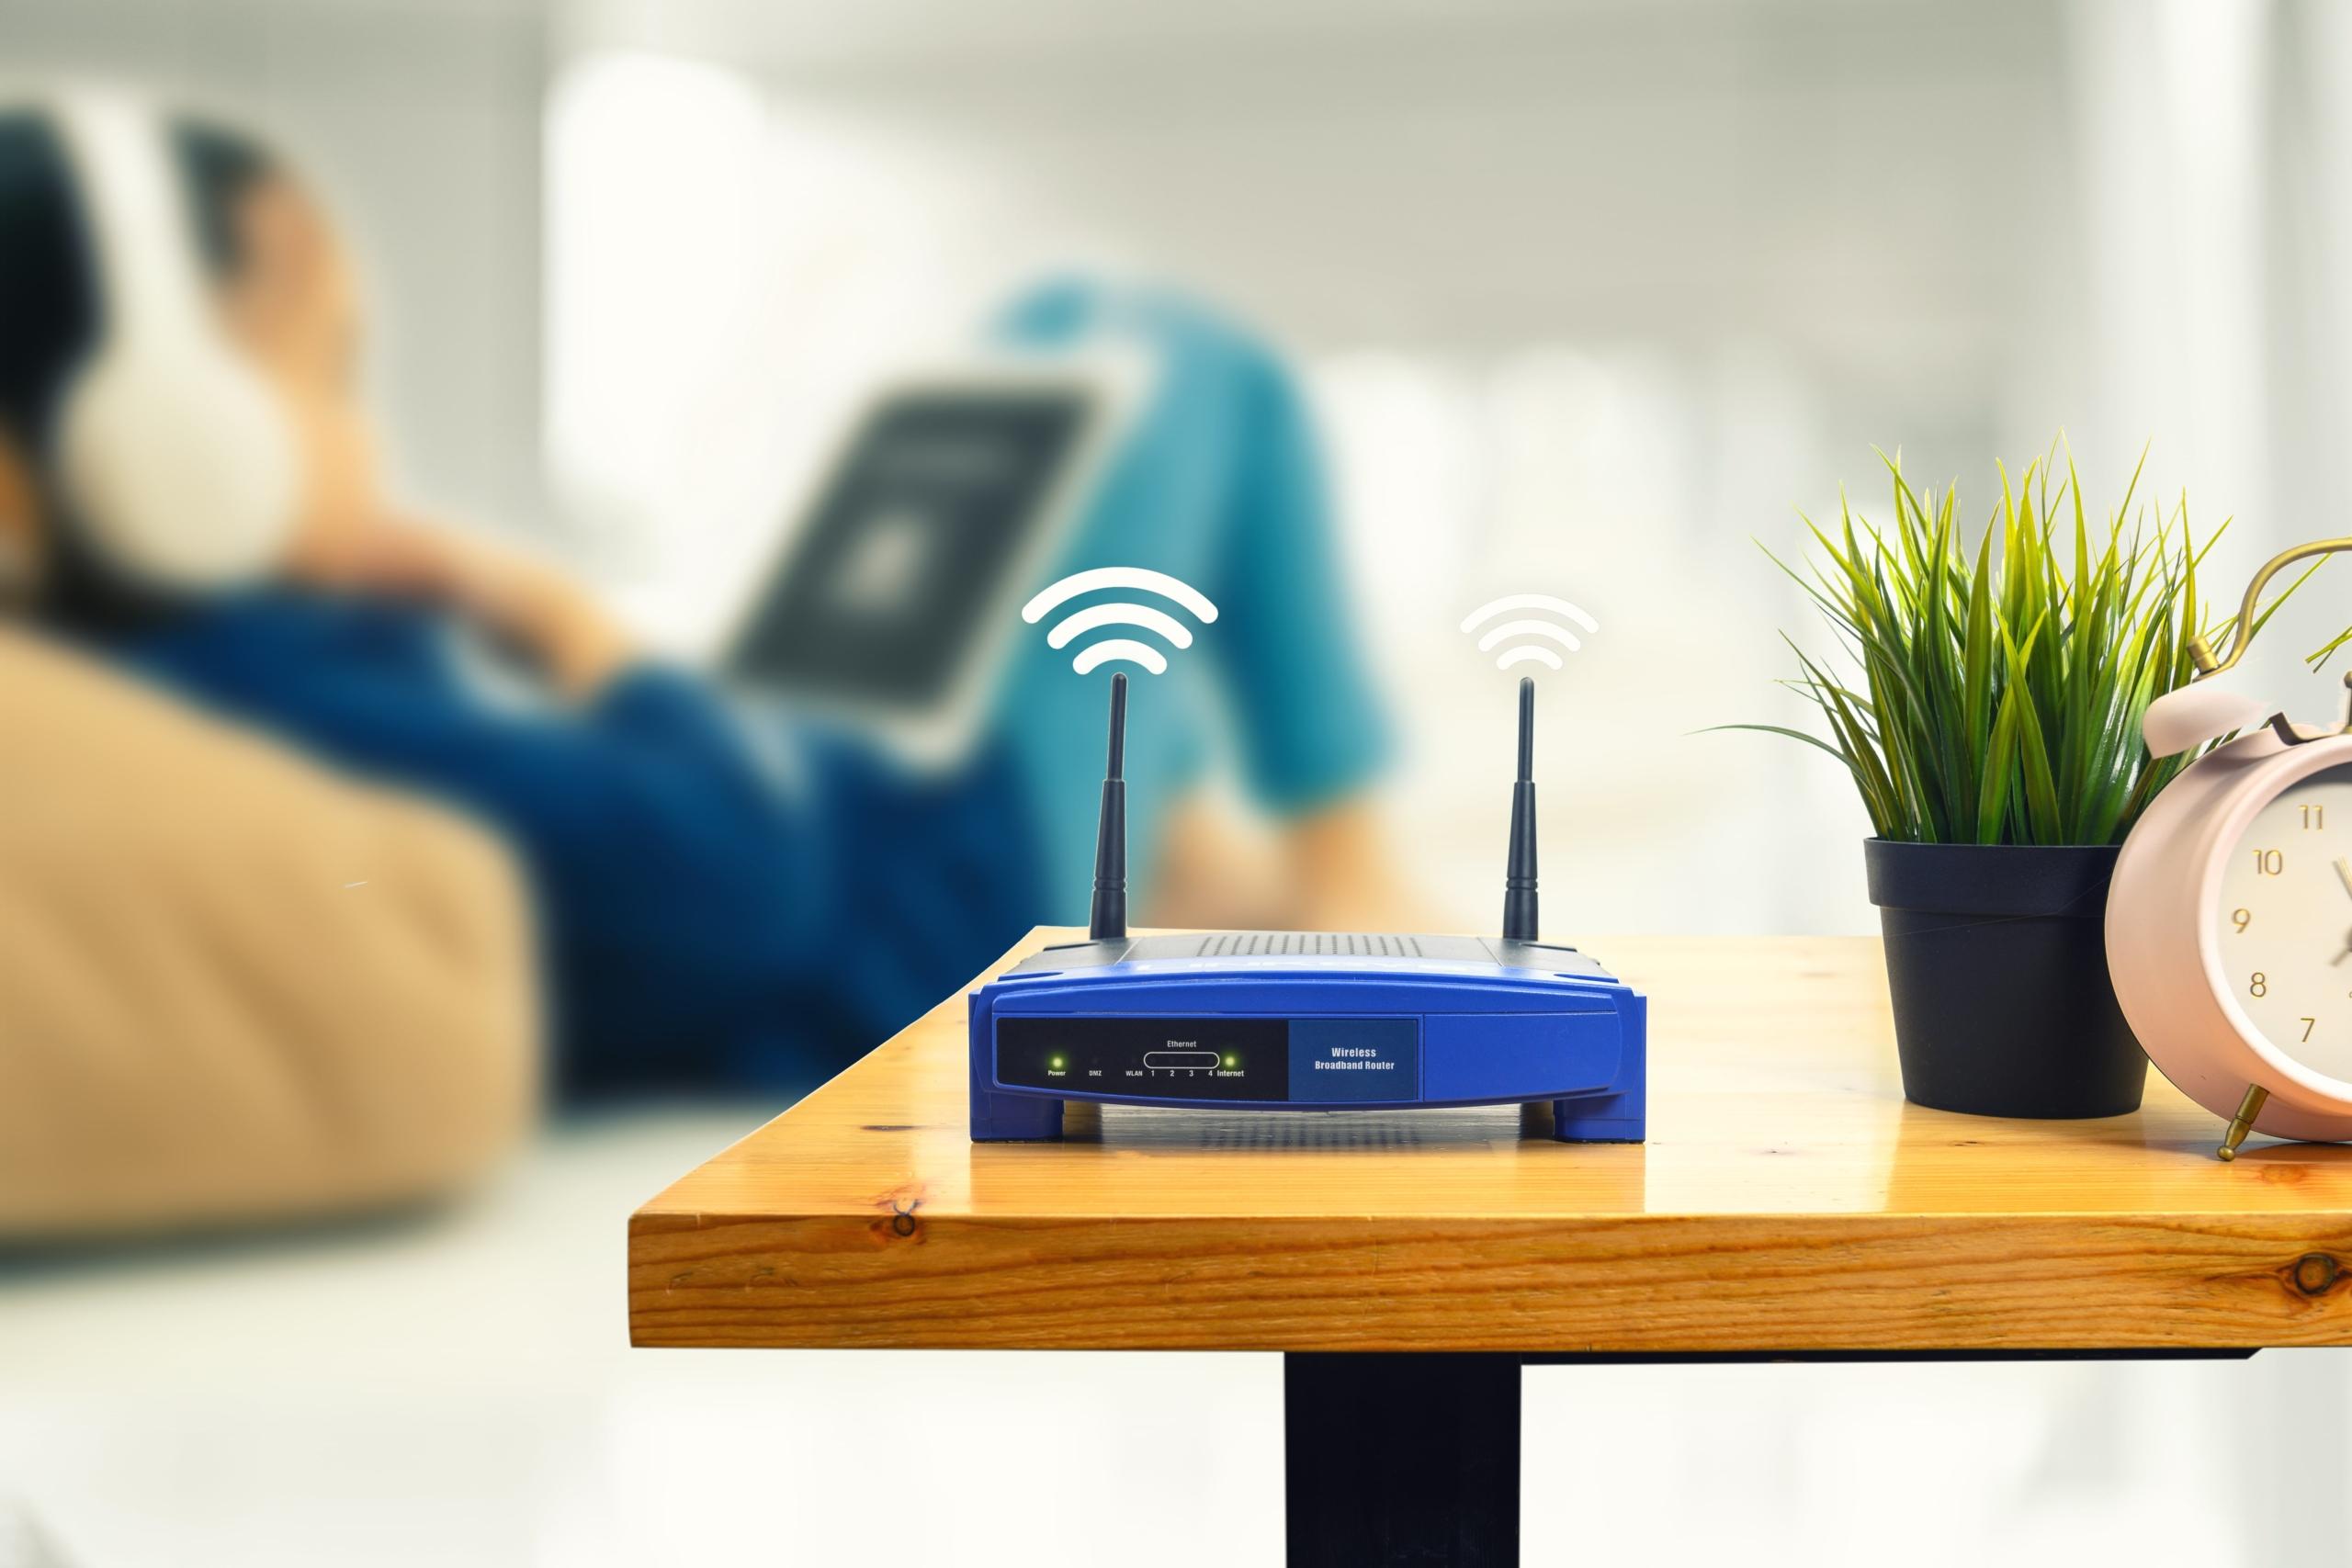 wifi-6e-la-connessione-più-veloce-di-sempre